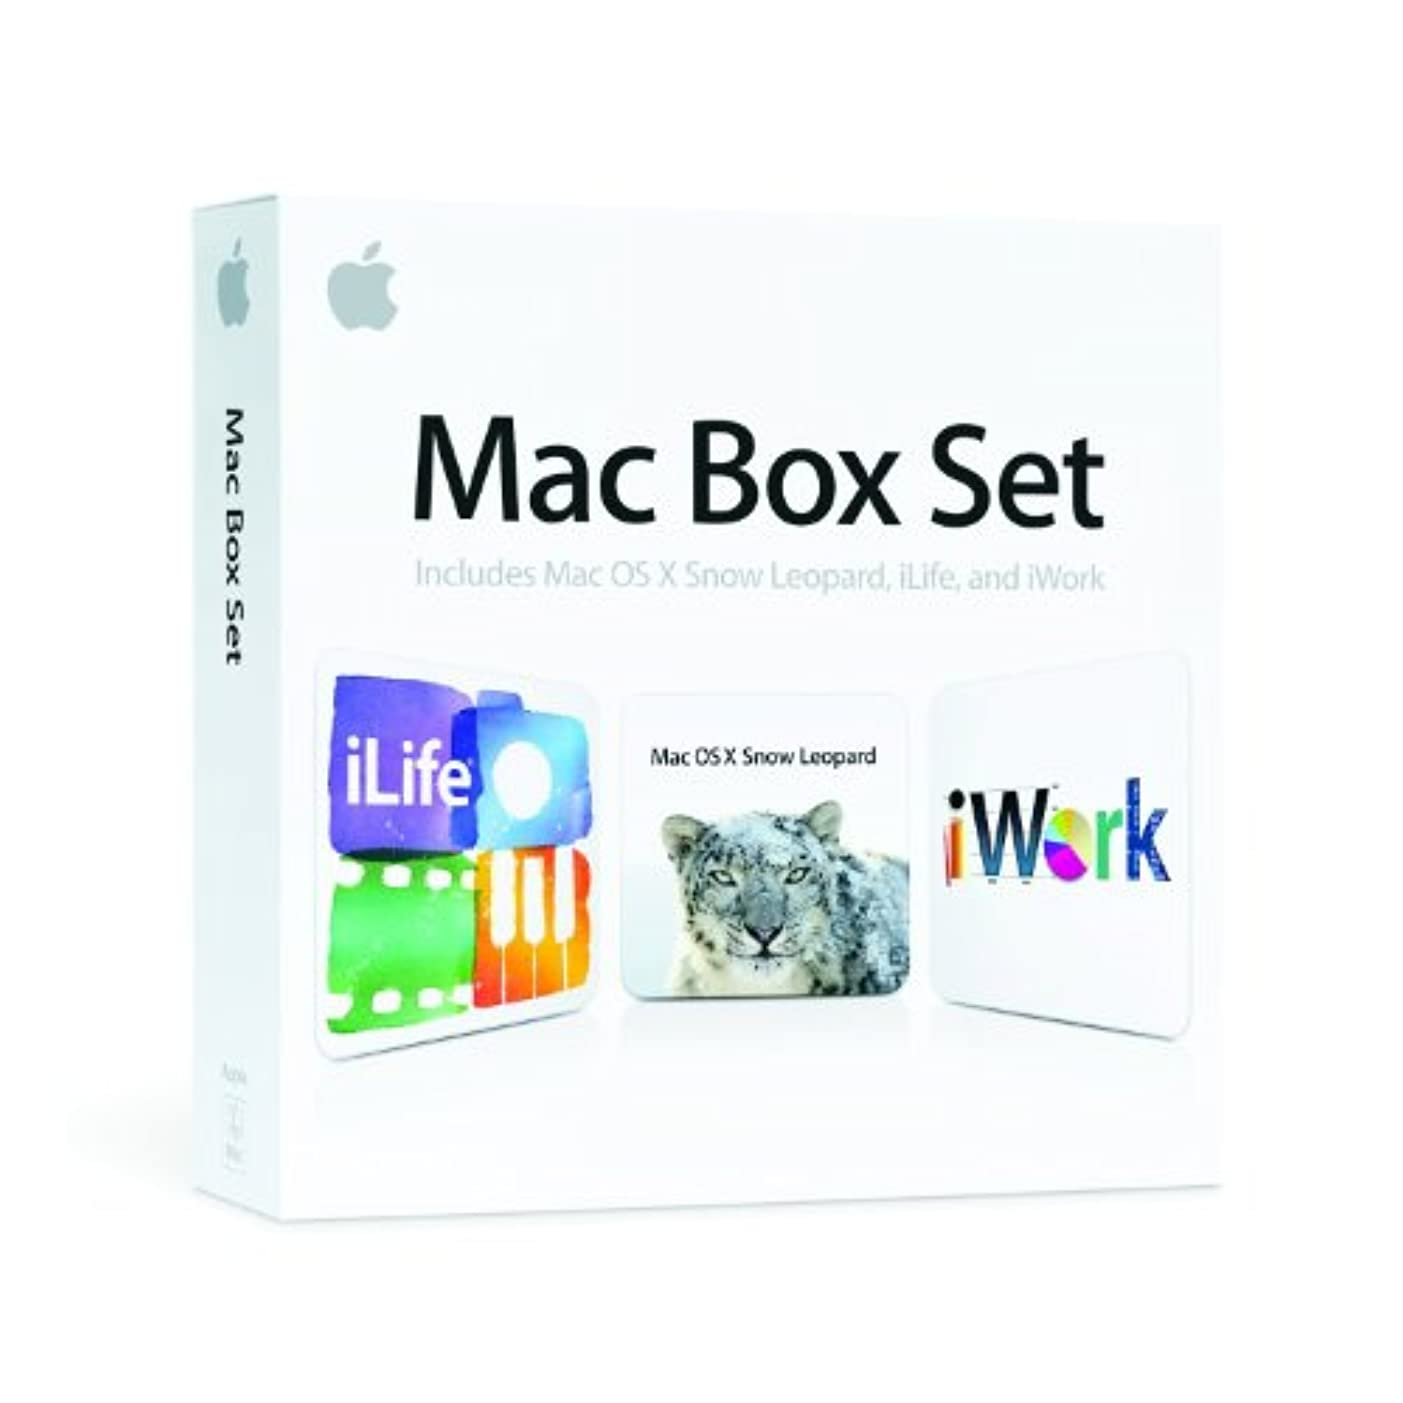 広々分配します類似性Mac Box Set マックボックスセット MC681E/A ファミリーパック ( 輸入品 )